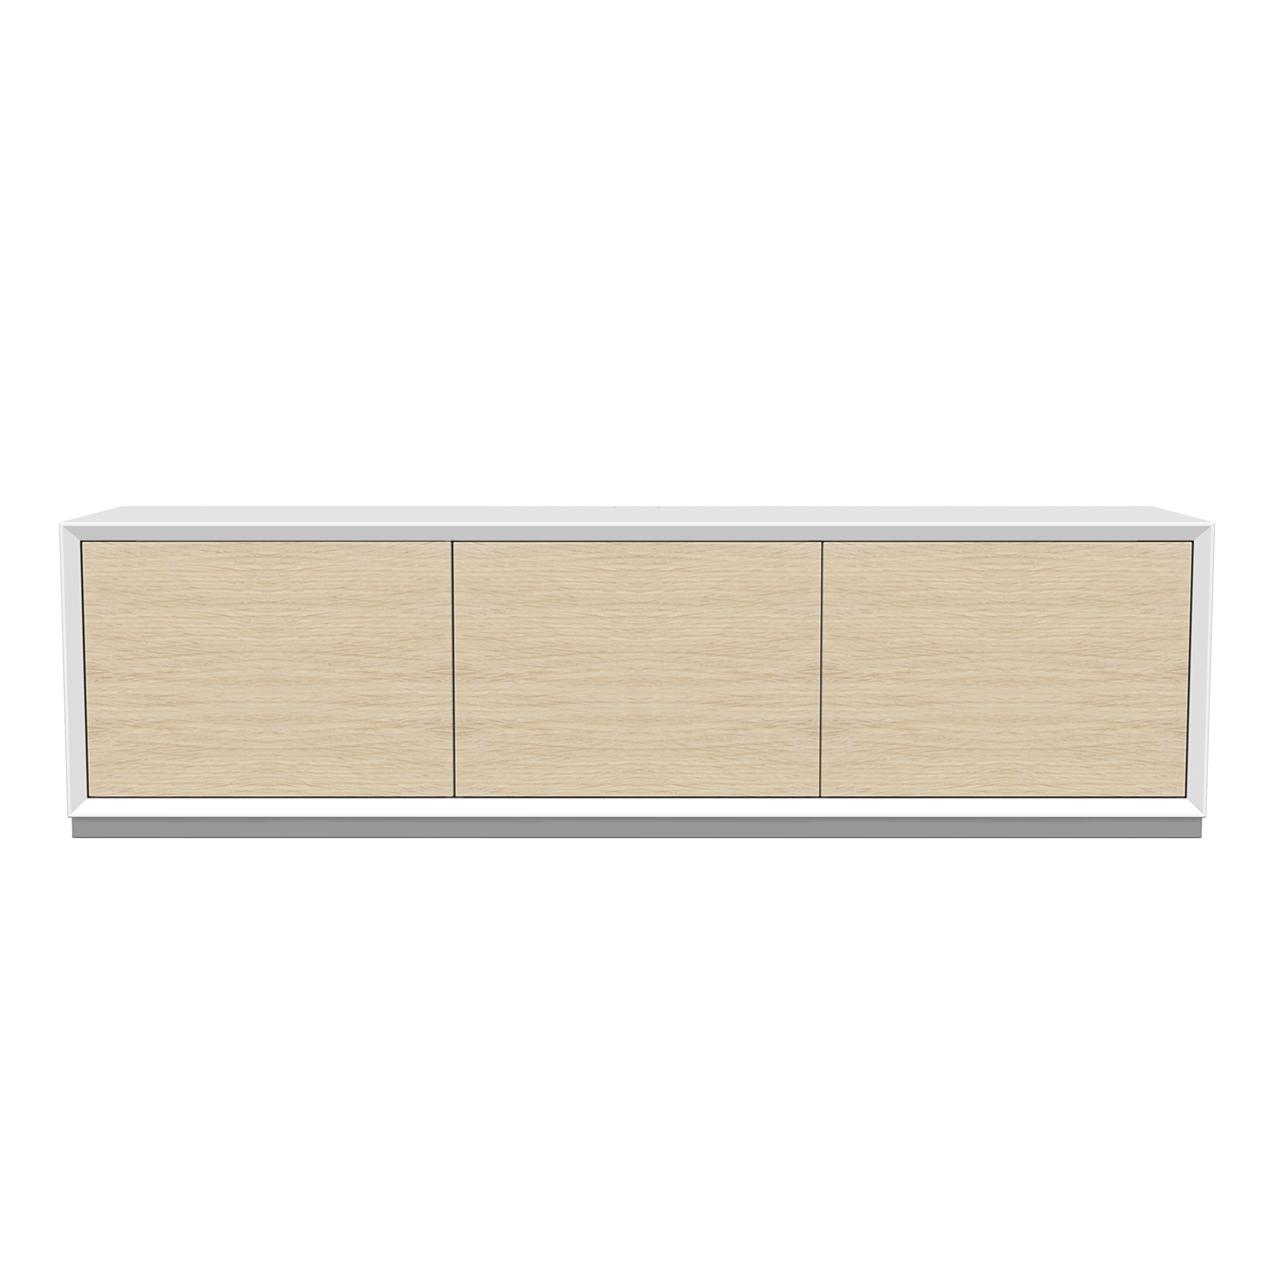 Tv-bänk New Air vit, med dörrar i ask ståendes på en sockel.